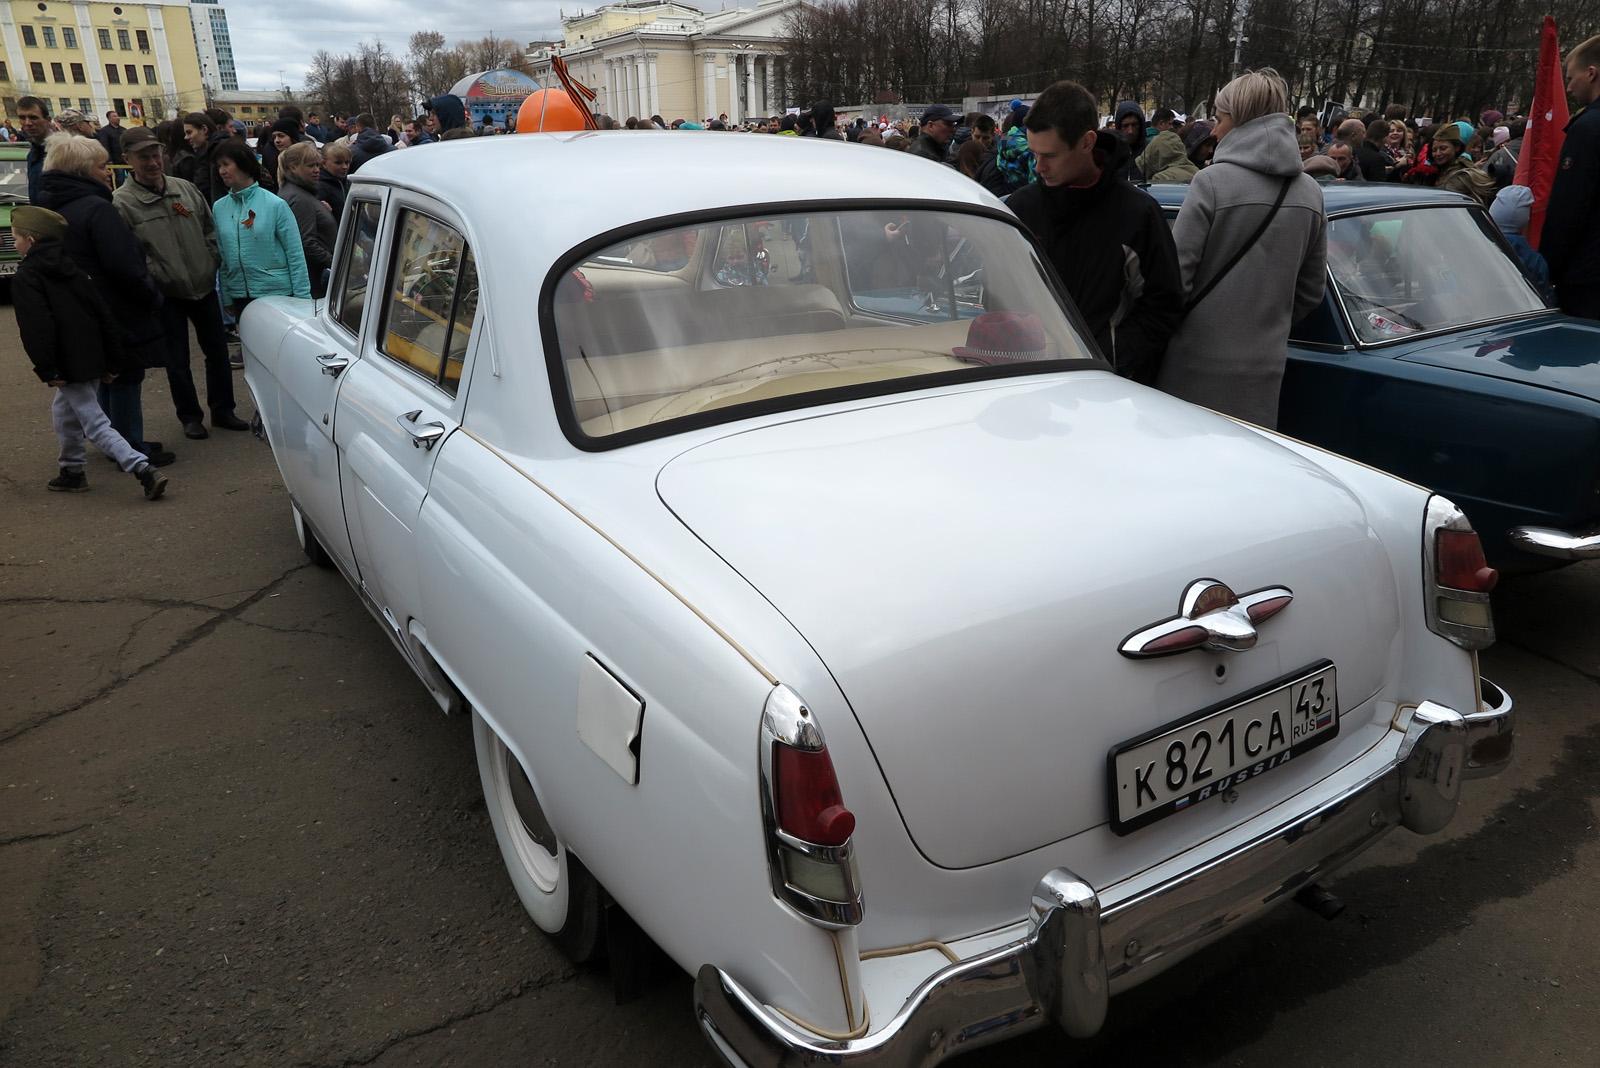 2023 ГАЗ-21 №к821са.JPG